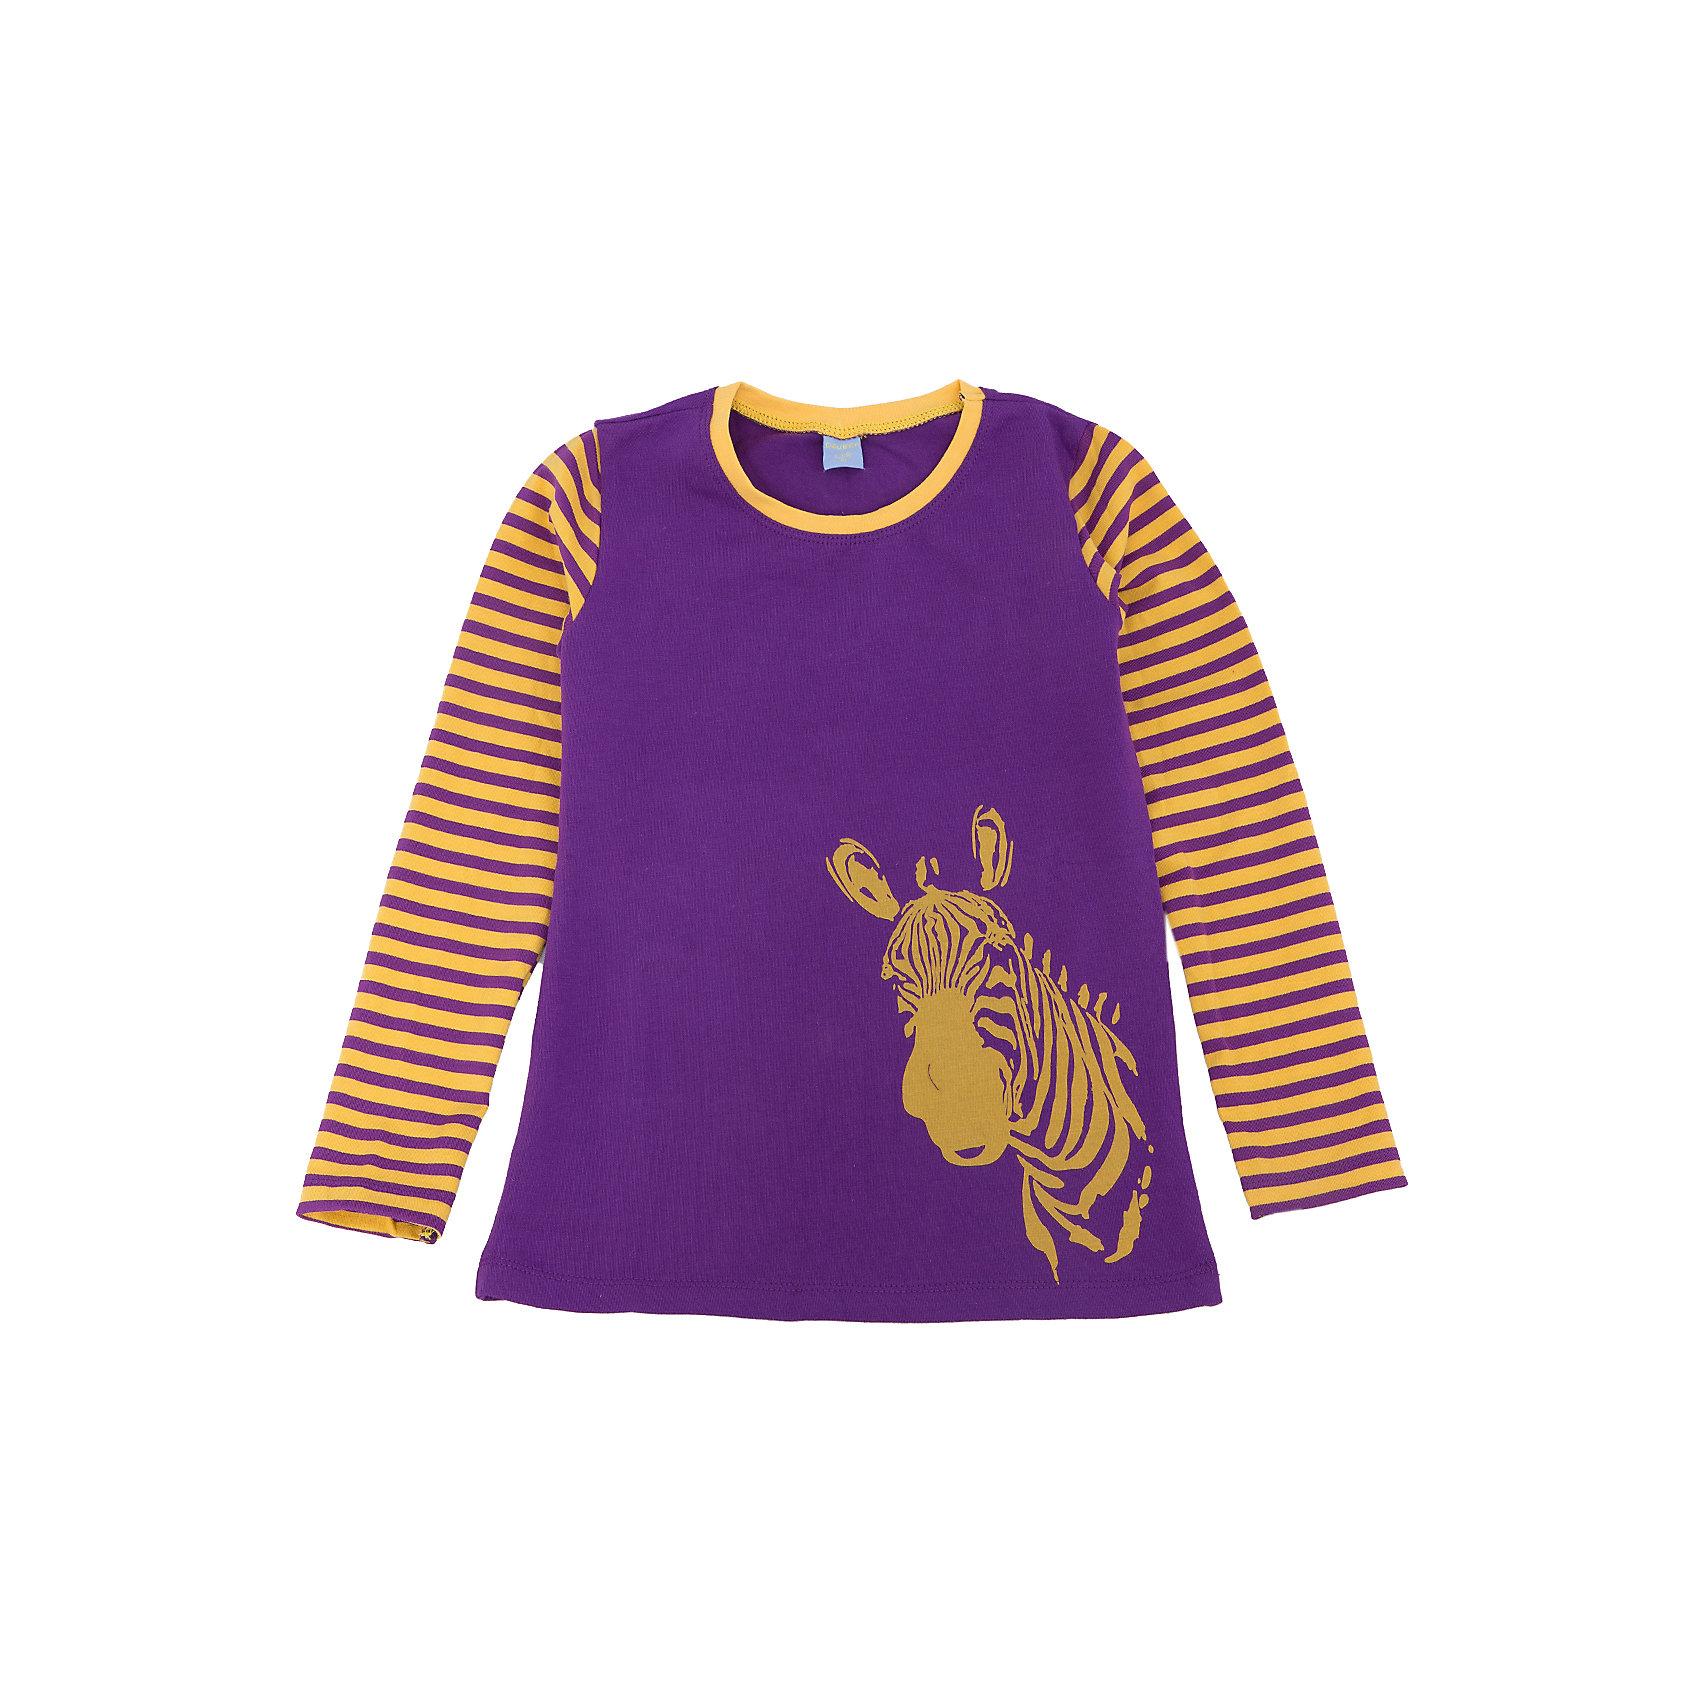 Футболка с длинным рукавом для девочки DAUBERФутболки с длинным рукавом<br>Характеристики:<br><br>• Состав: 95%хлопок, 5% лайкра.<br>• Цвет: фиолетовый.<br>• Материал: трикотаж.<br><br>Футболка для девочки от российского бренда DAUBER.<br>Модный трикотажный джемпер фиолетового цвета выполнен из хлопкового трикотажа. Джемпер украшен оригинальным желтым принтом в виде головы зебры и полосками на рукавах. В таком джемпере ваша девочка будет чувствовать себя комфортно и уютно как дома, так и наулице.<br><br>Джемпер для девочки DAUBER, можно купить в нашем интернет - магазине.<br><br>Ширина мм: 190<br>Глубина мм: 74<br>Высота мм: 229<br>Вес г: 236<br>Цвет: фиолетовый<br>Возраст от месяцев: 60<br>Возраст до месяцев: 72<br>Пол: Женский<br>Возраст: Детский<br>Размер: 116,98,104,110<br>SKU: 4953331